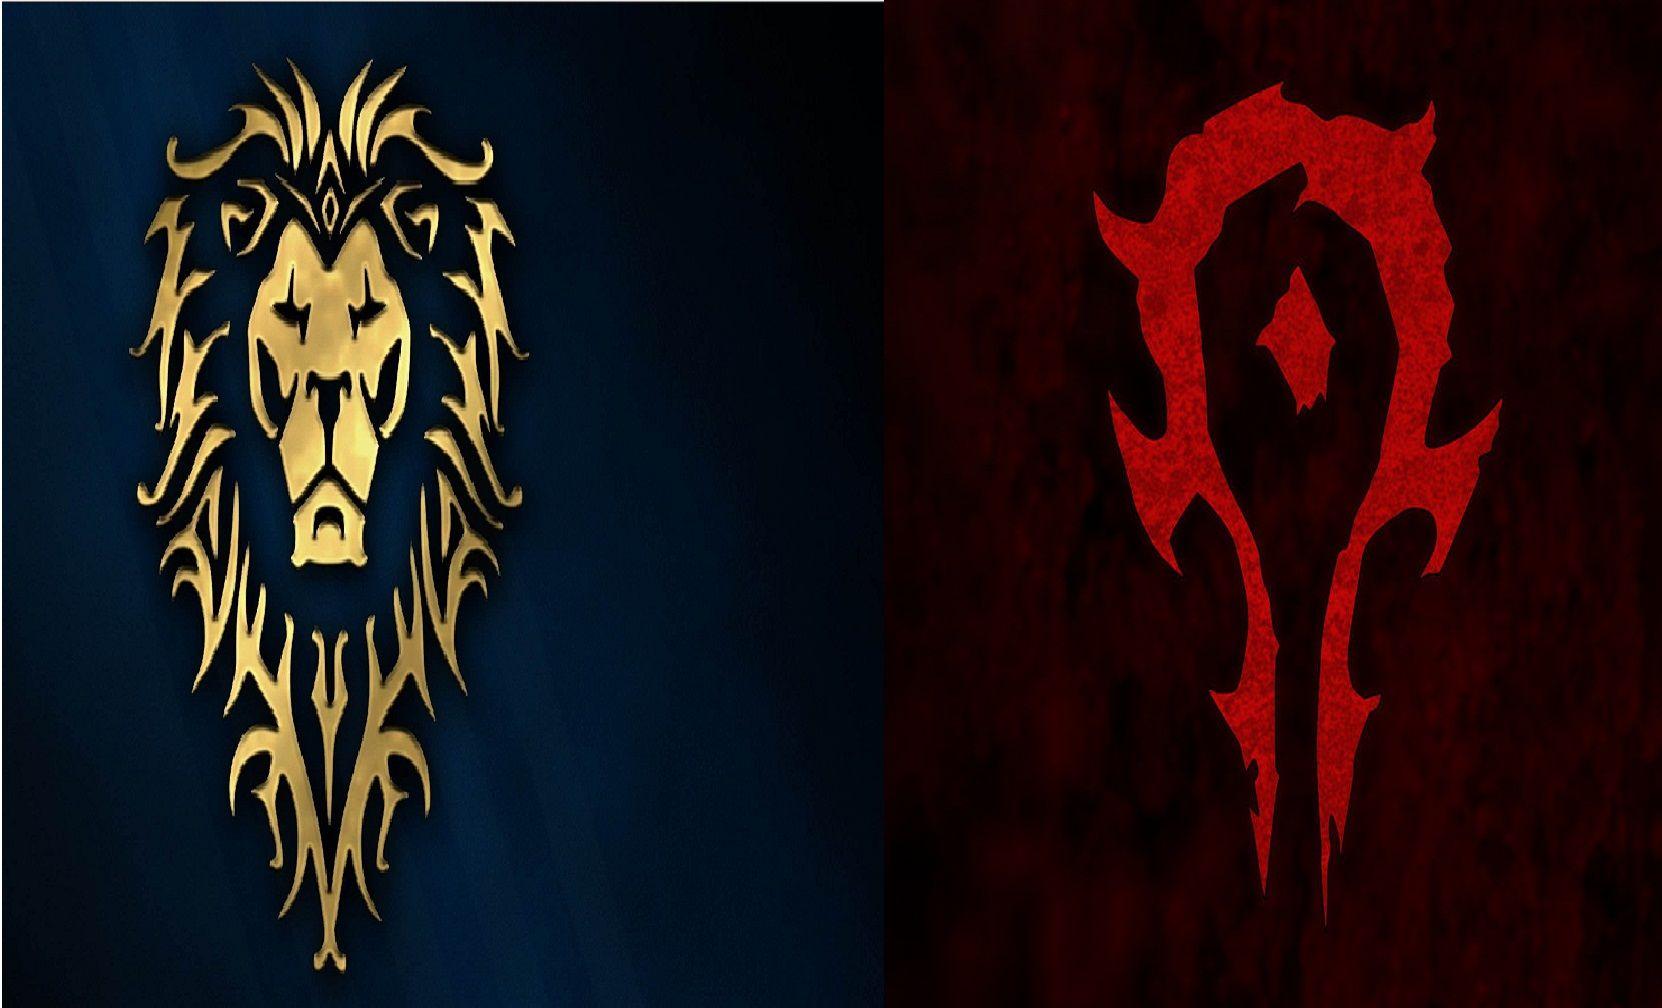 Warcraft Movie Wallpaper Wallpapers Warcraft Movie